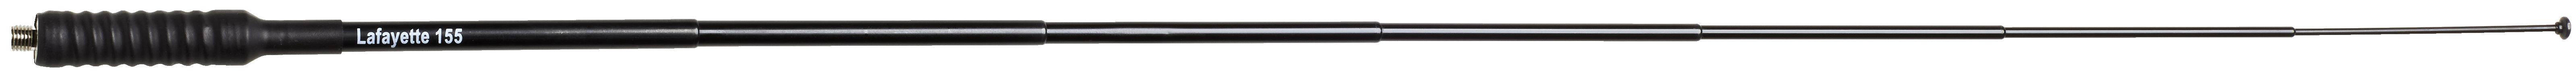 Lafayette Teleskopantenn 155Mhz